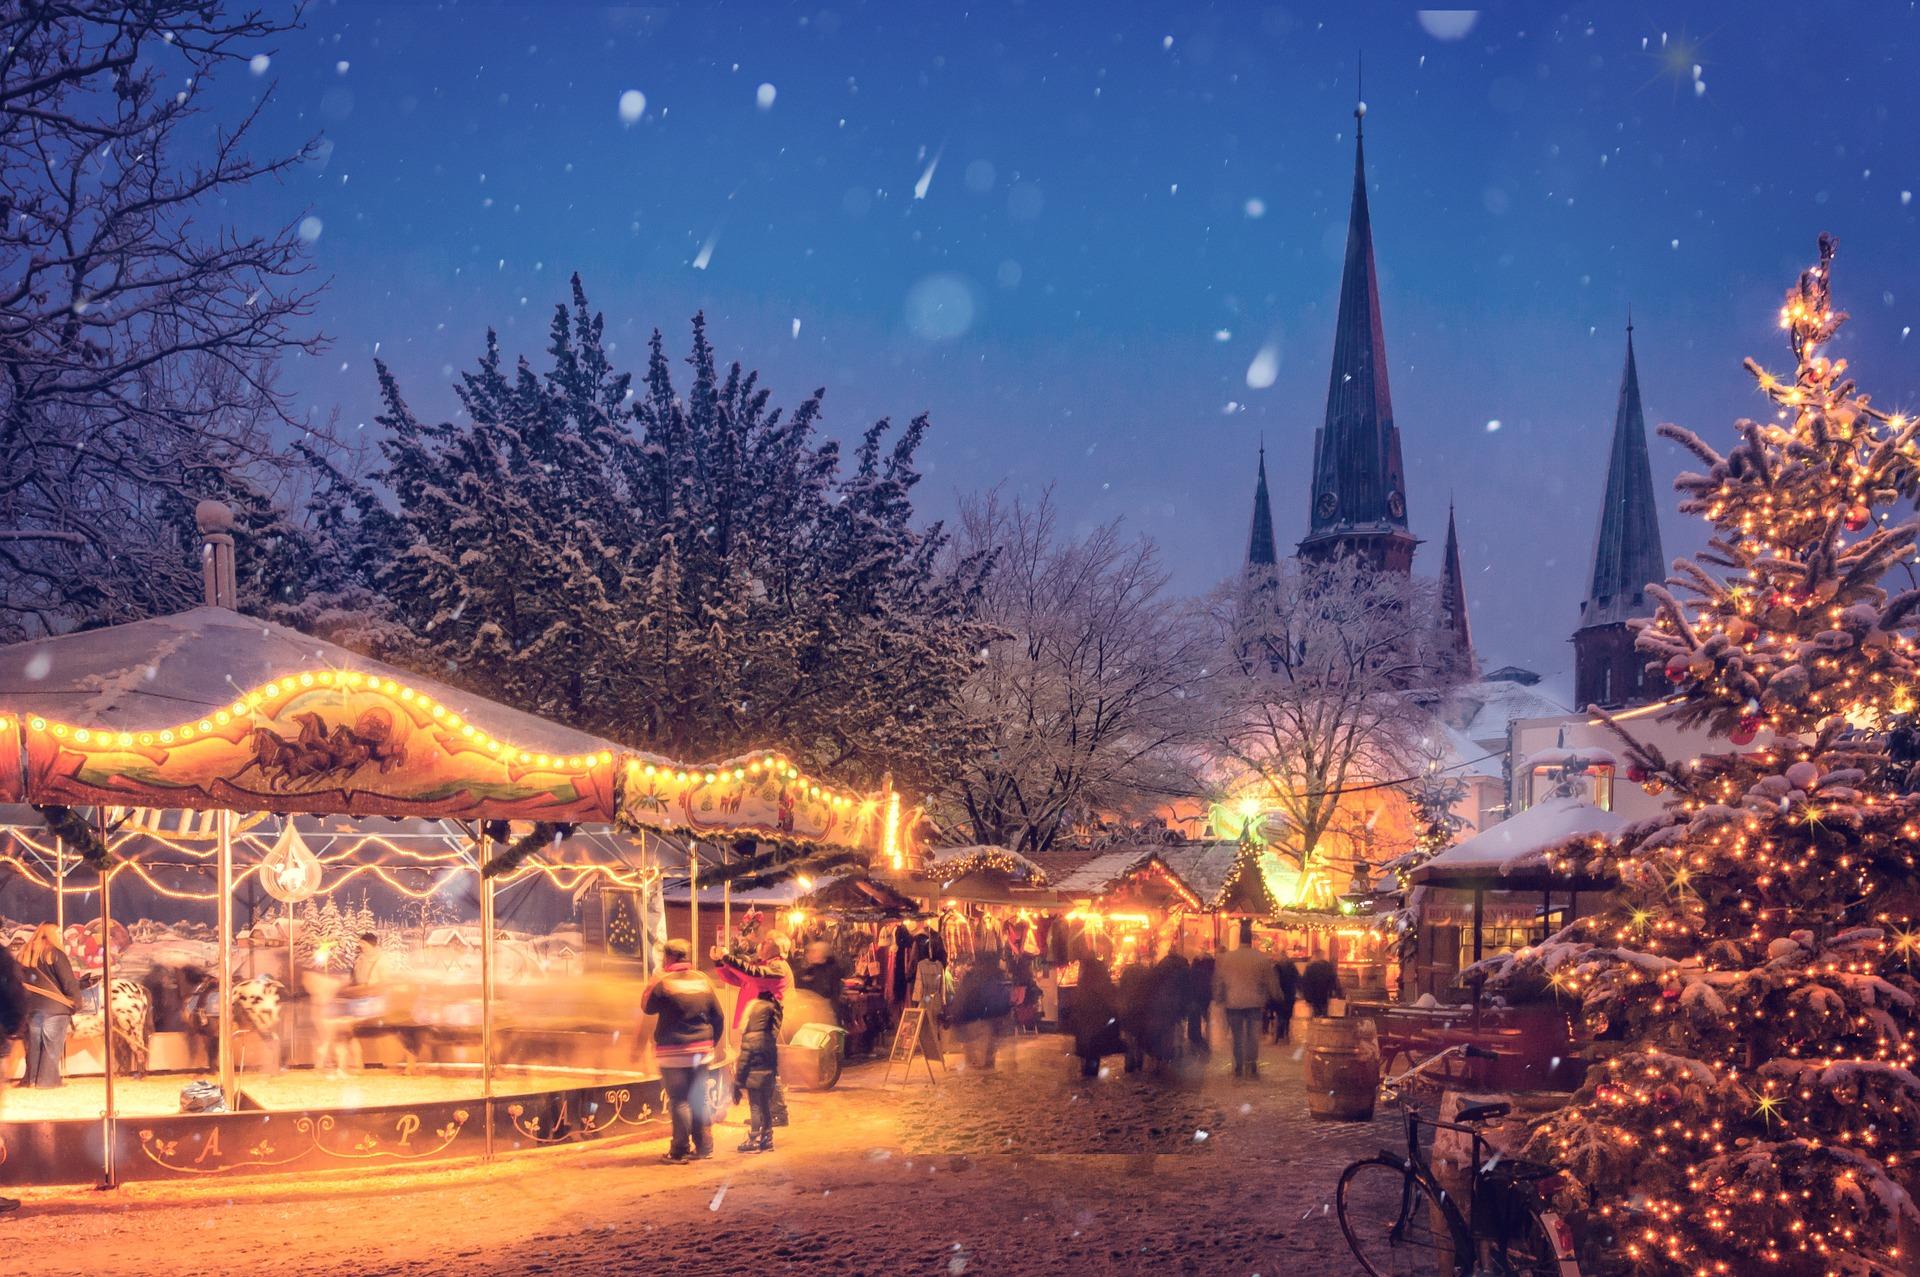 [:de]Olydorf-Weihnachtsmarkt mit Streetfood aus Fernost[:]